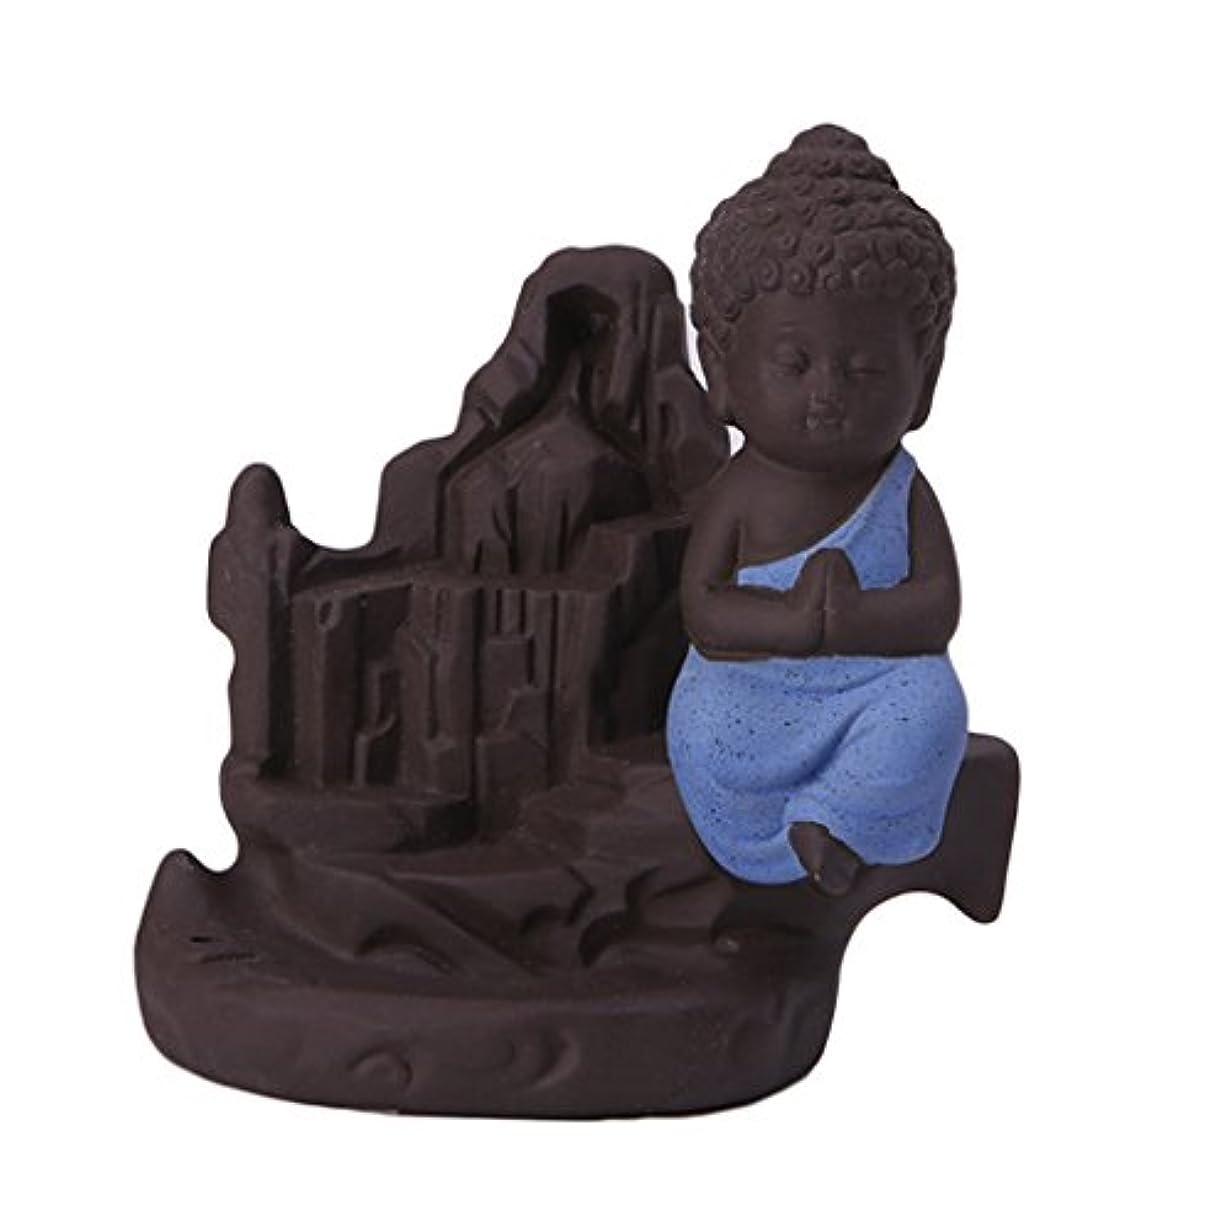 突然印象代表団セラミック 仏 逆流コーン 香炉ホルダー 香バーナー 装飾的 3色選べる - ブルー